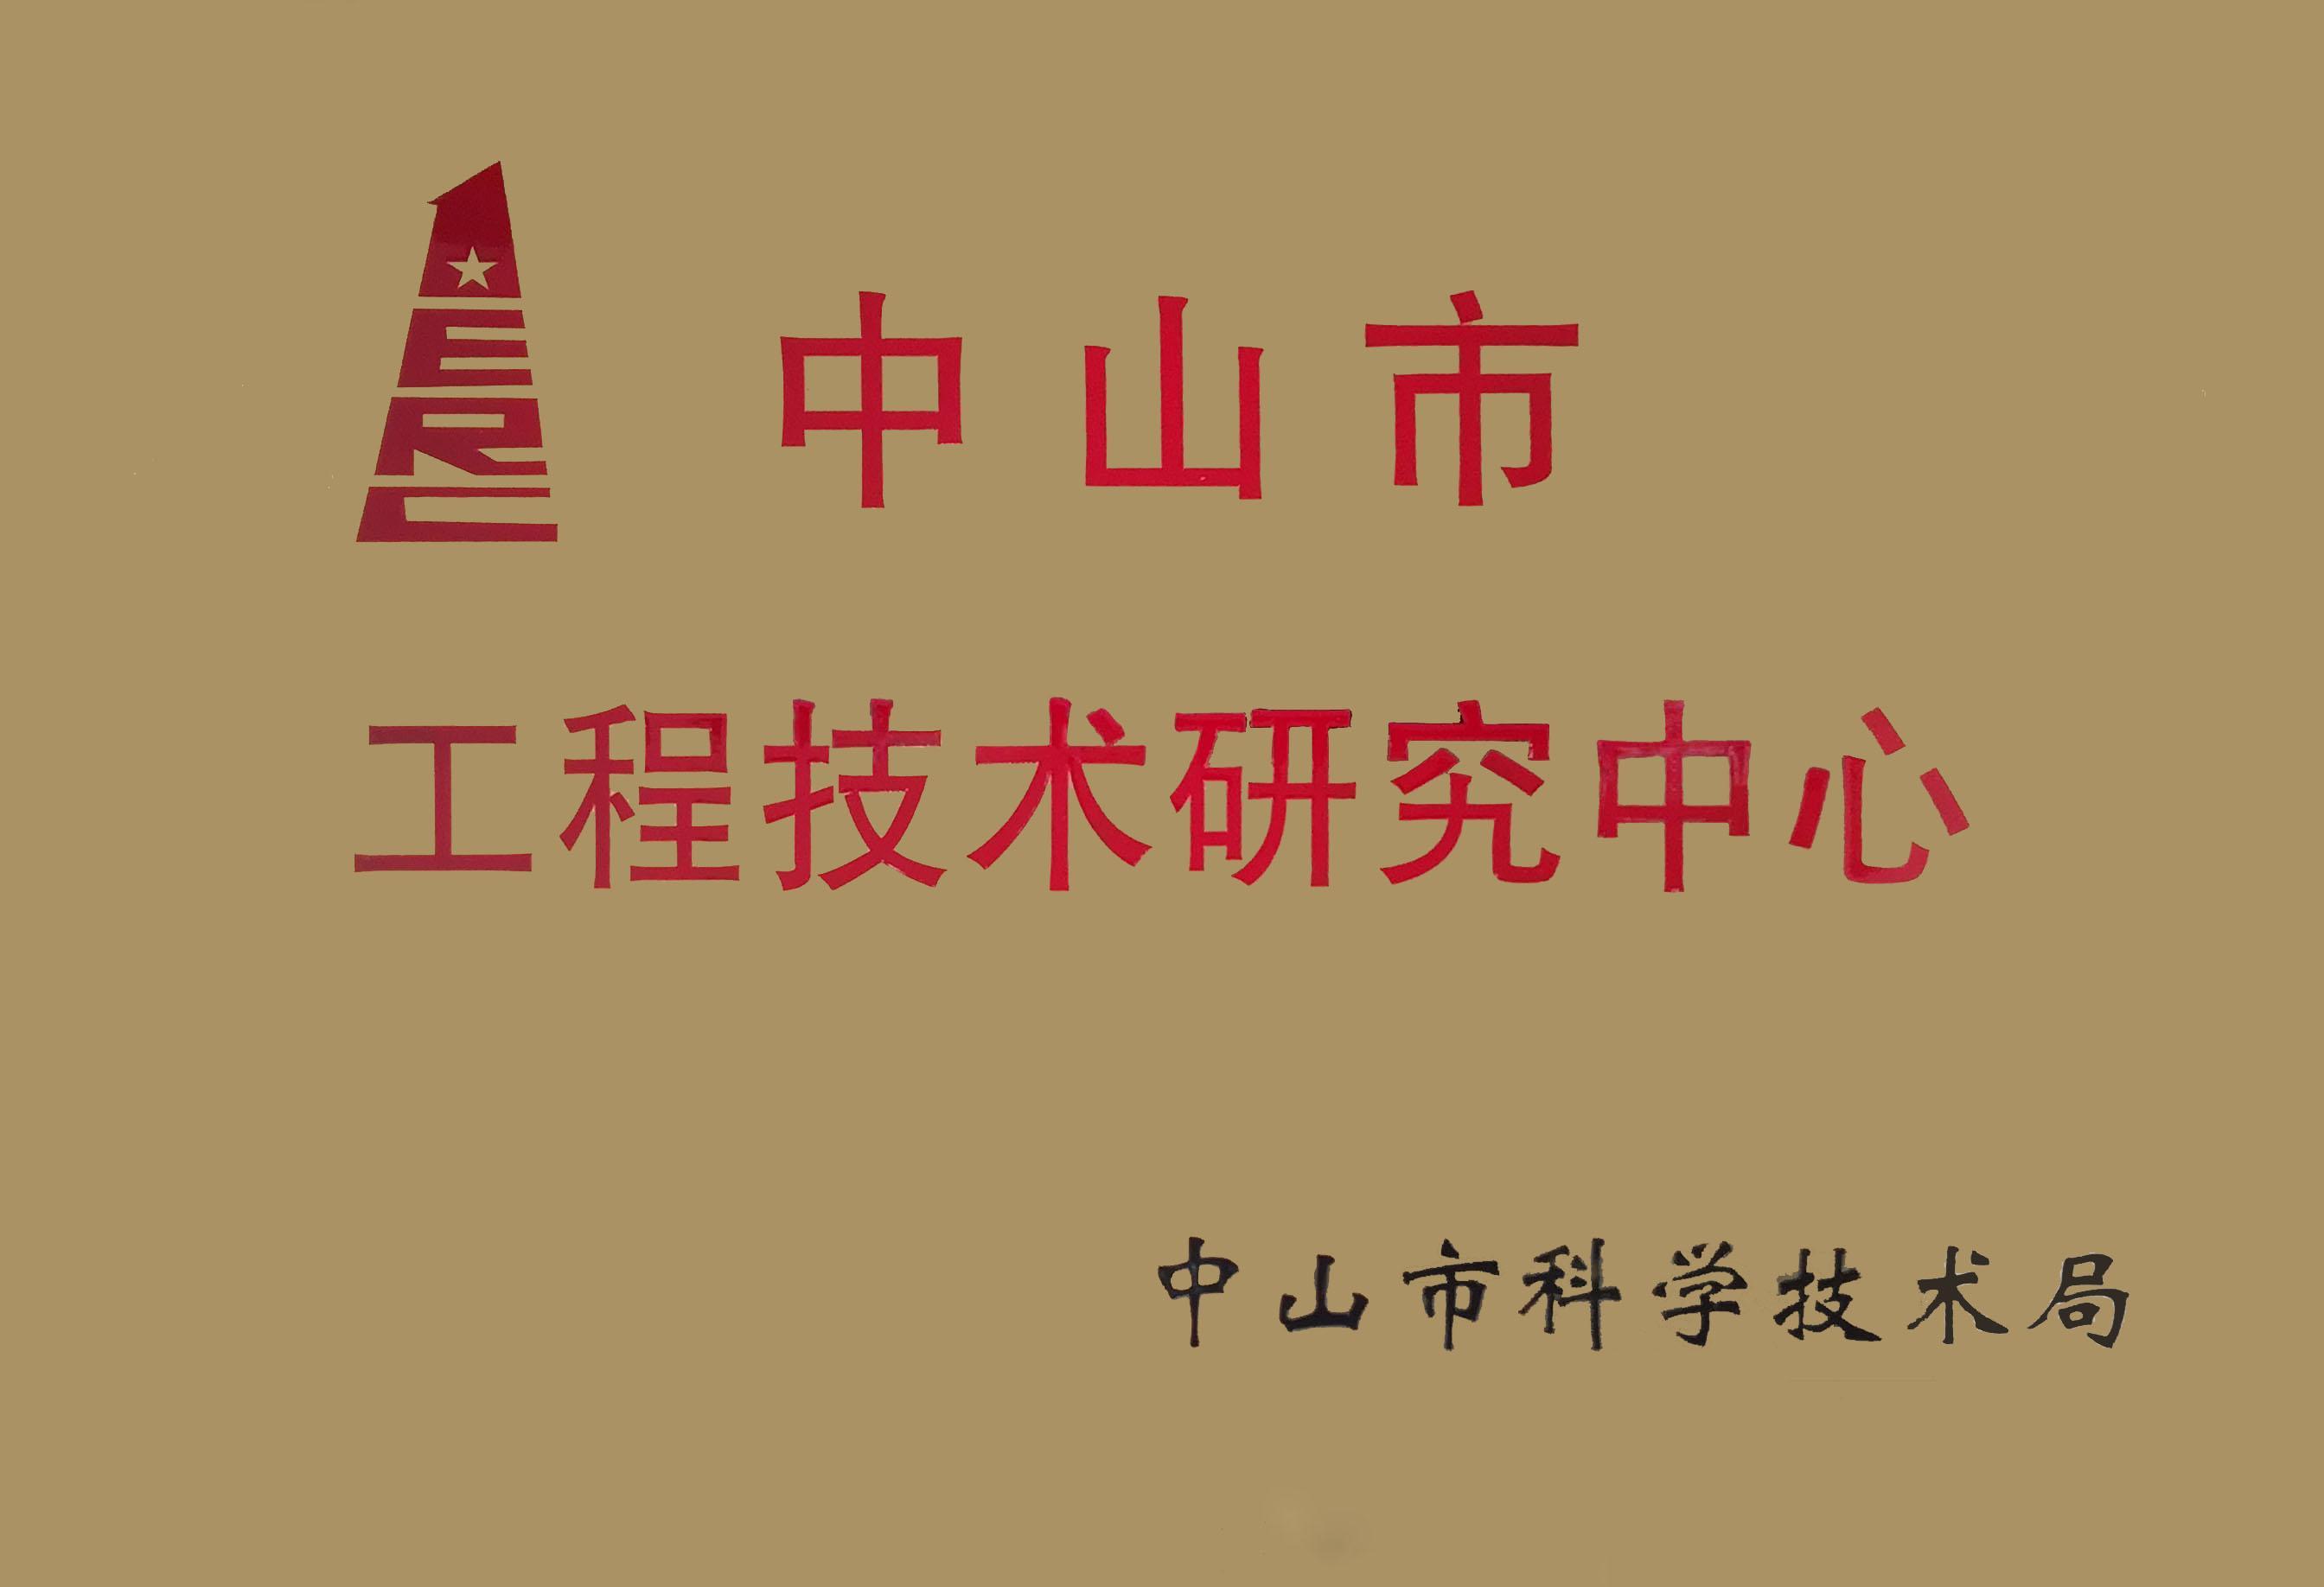 喜讯 羽顺燃气壁挂炉工程技术研究中心正式挂牌